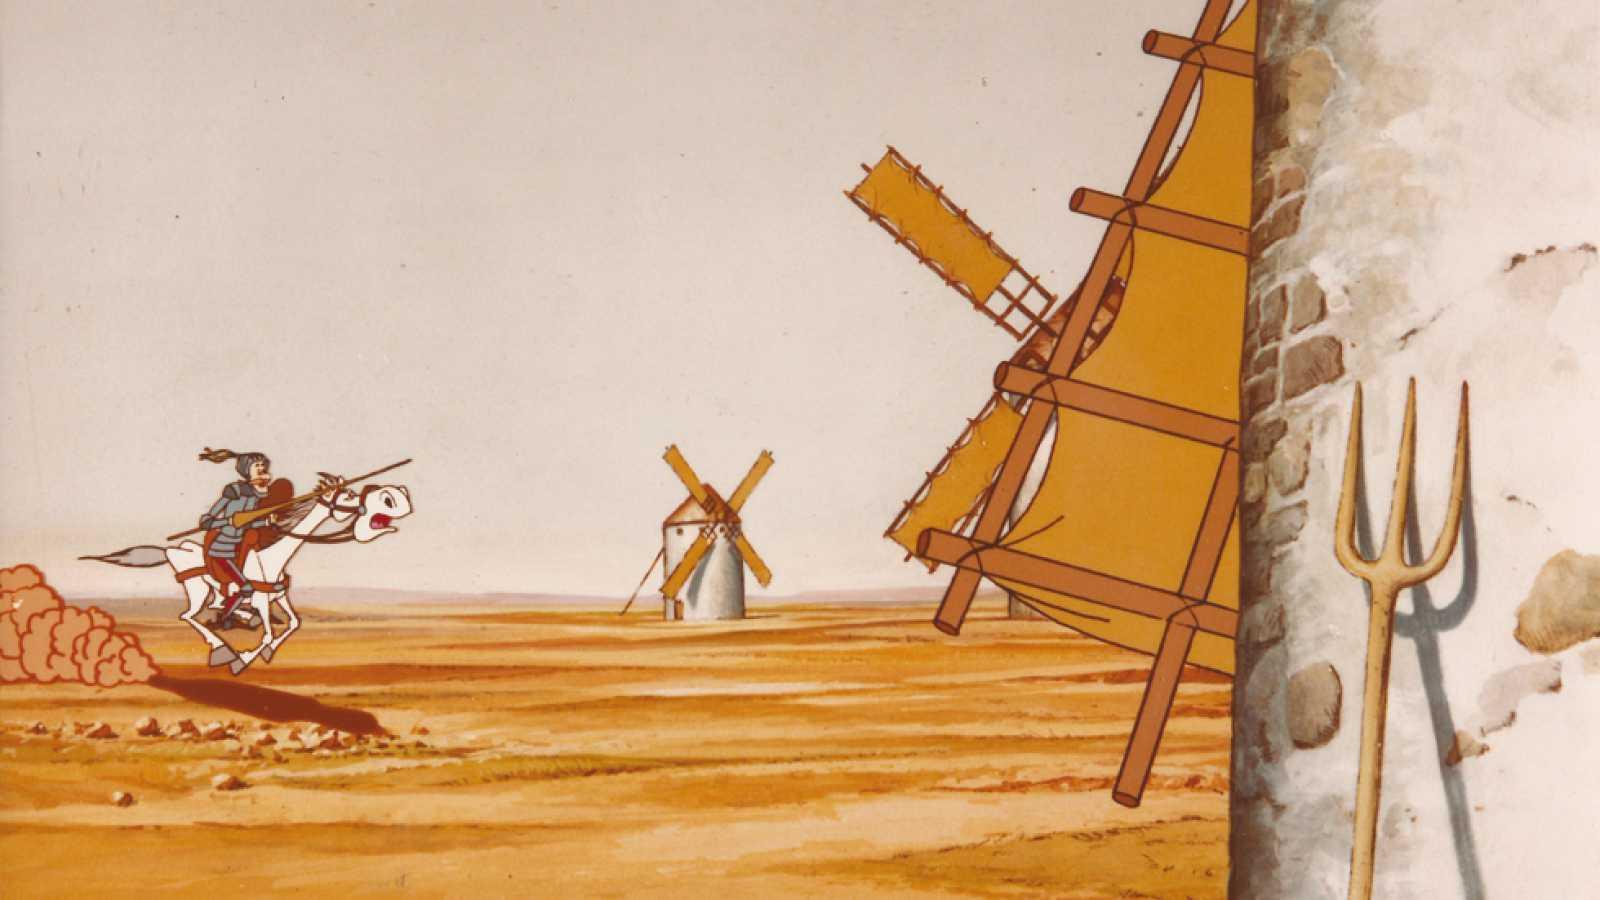 Don Quijote De La Mancha Serie De Dibujos Animados 1979 Rtve Es